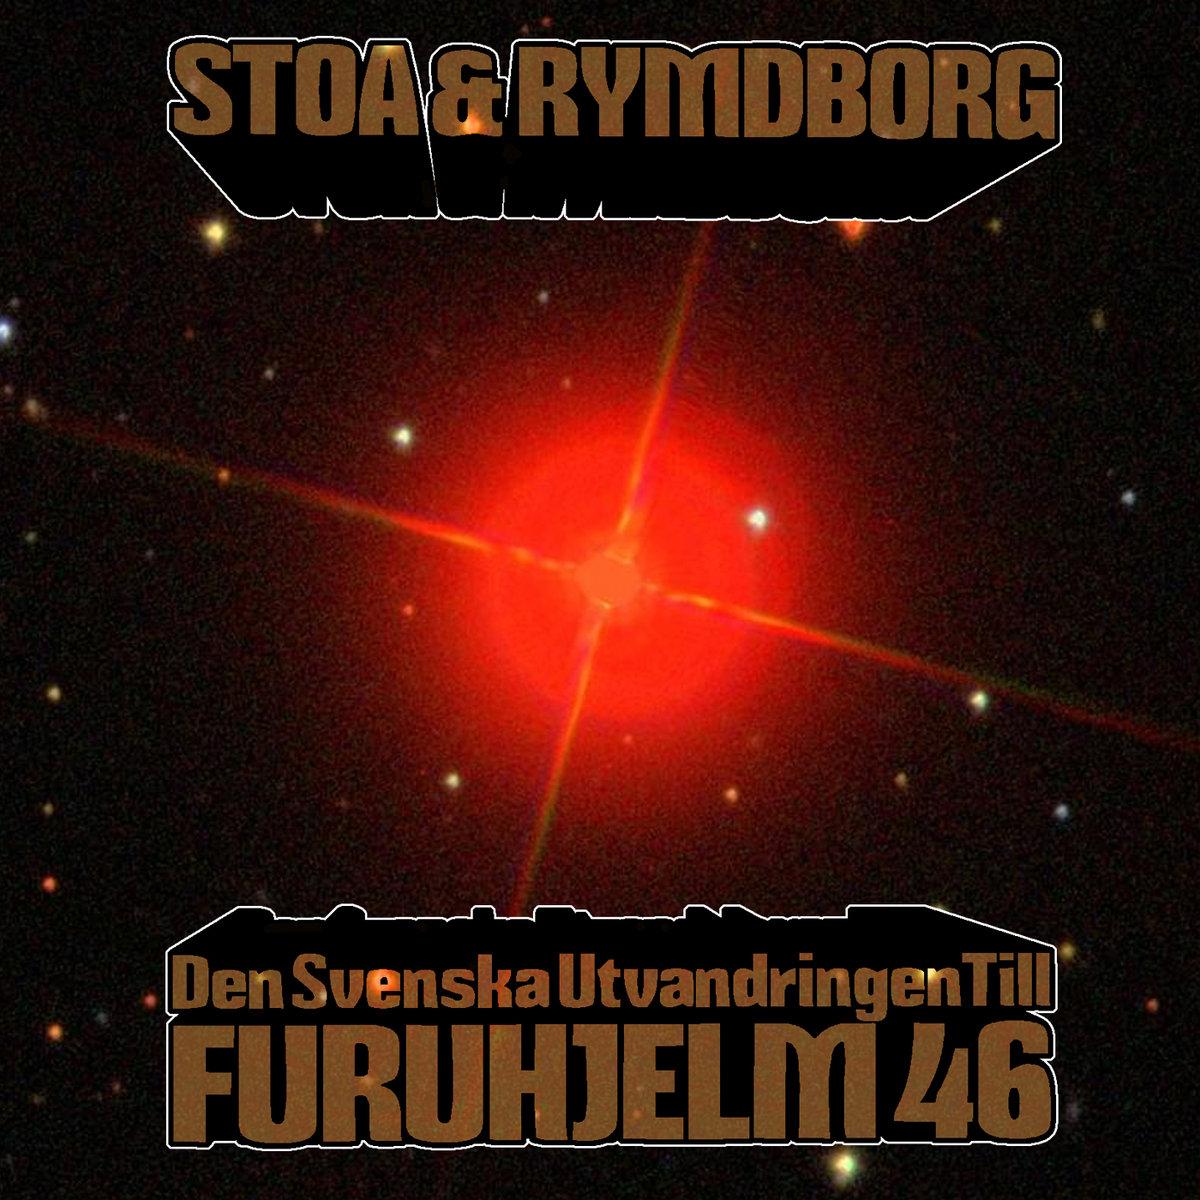 Den Svenska Utvandringen Till Furuhjelm-46